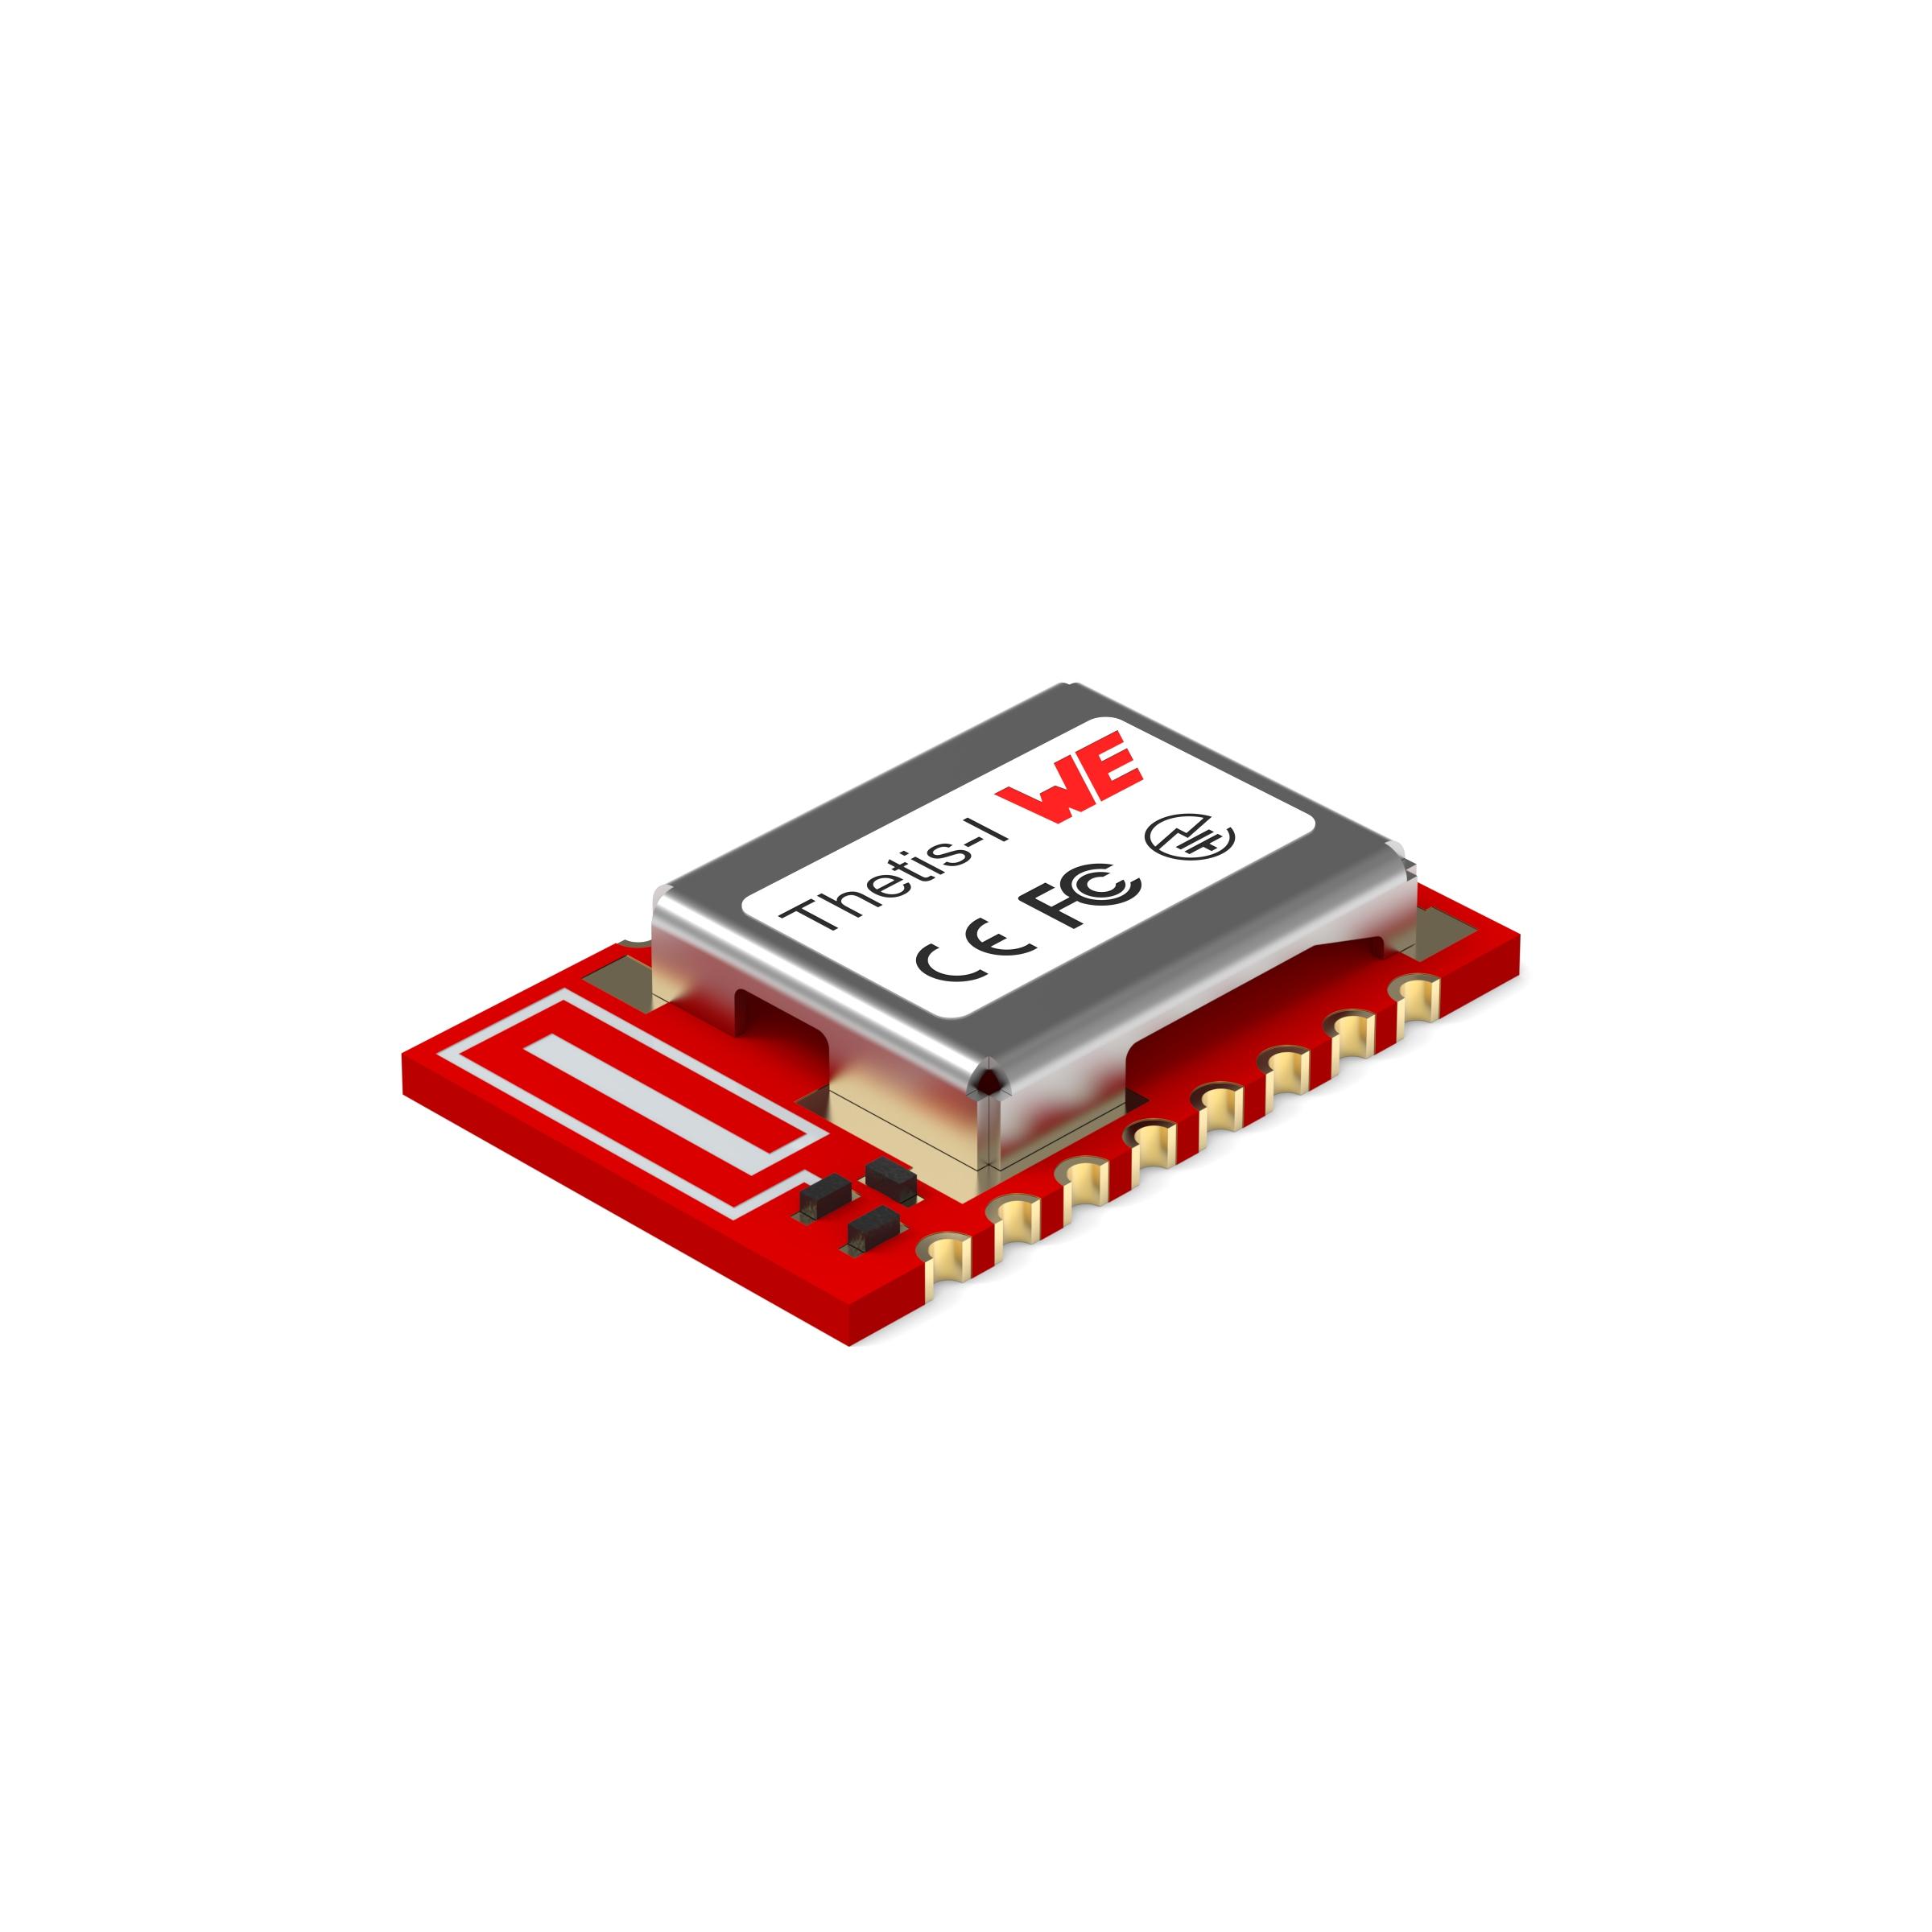 Funkmodul für Wirepas